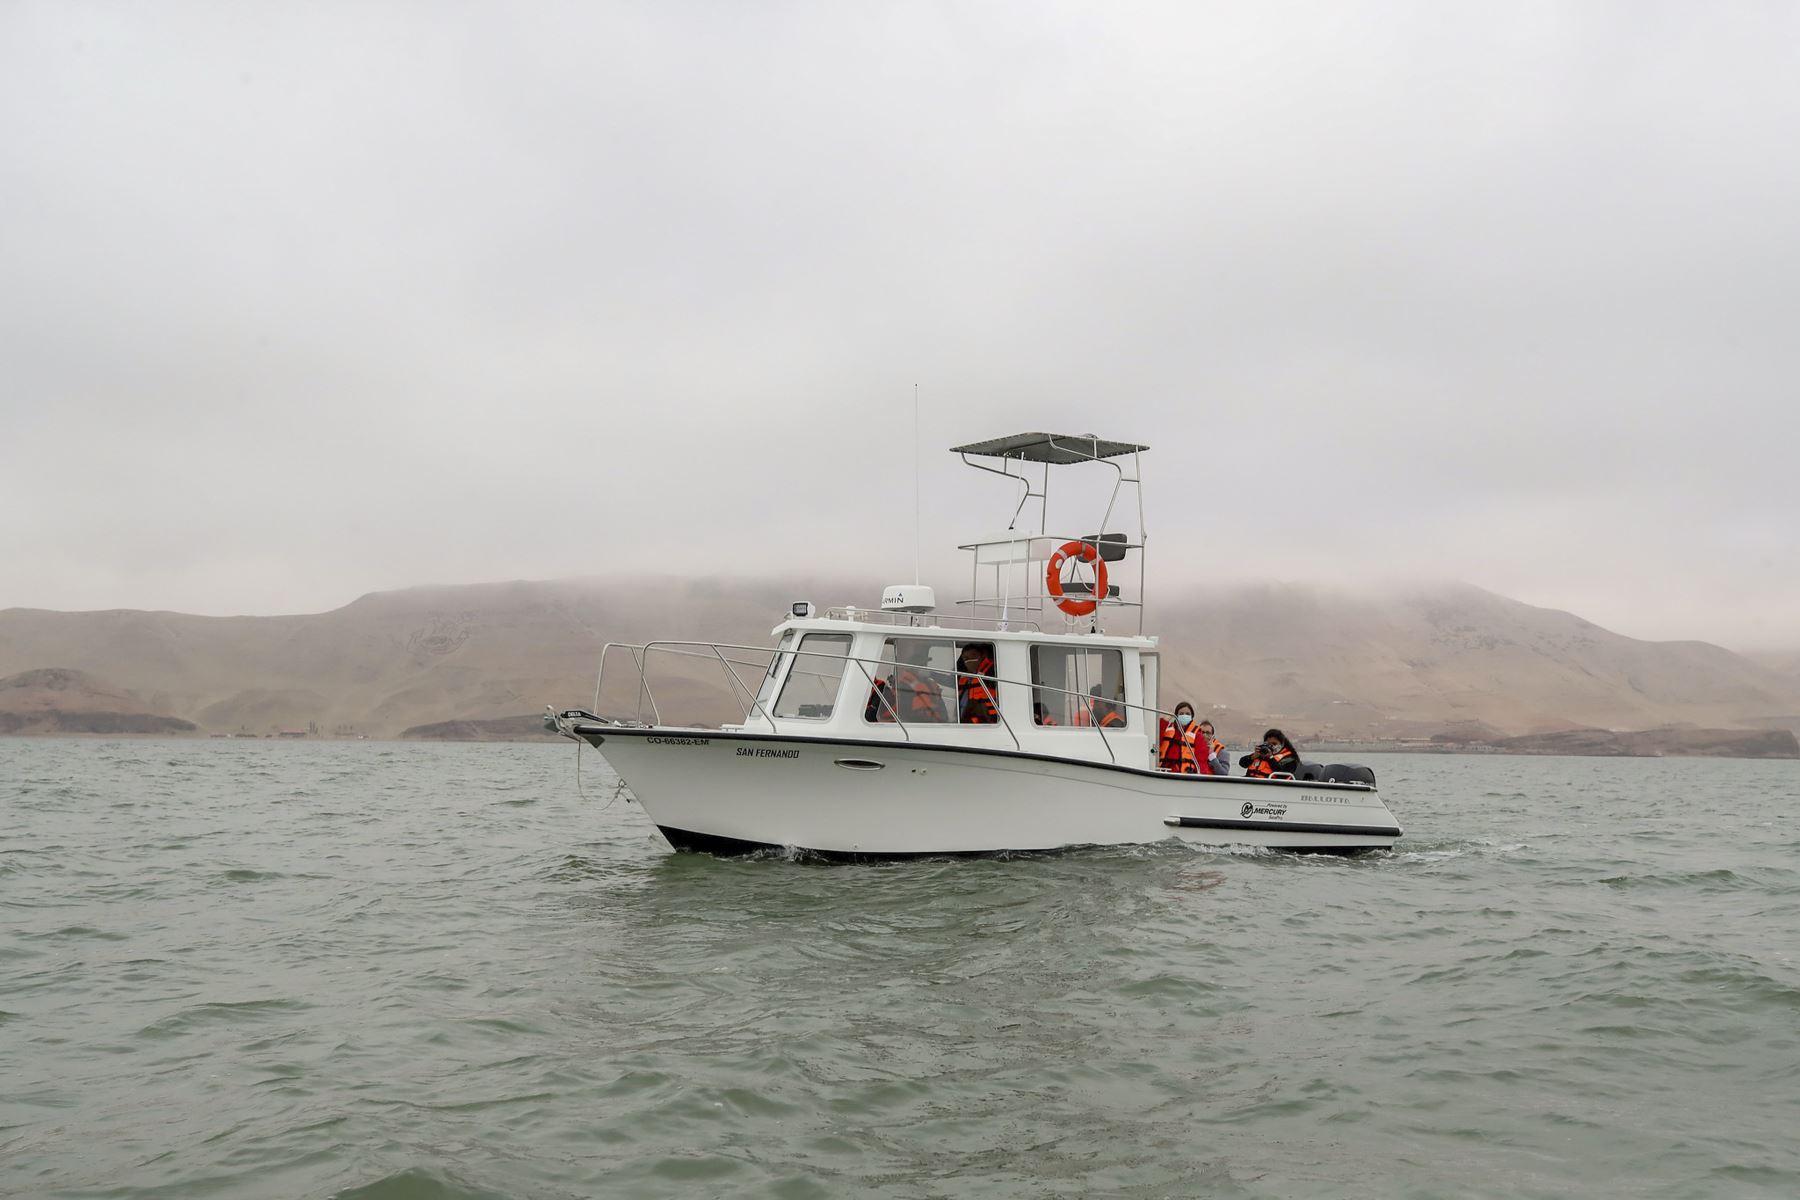 Dos modernas embarcaciones adquiridas por el Ministerio del Ambiente (Minam), fortalecerán las acciones de protección y conservación de áreas naturales marino costeras. Estas fueron presentadas por el titular del Minam, Rubén Ramírez, en el puerto del Callao. Foto: ANDINA/Minam